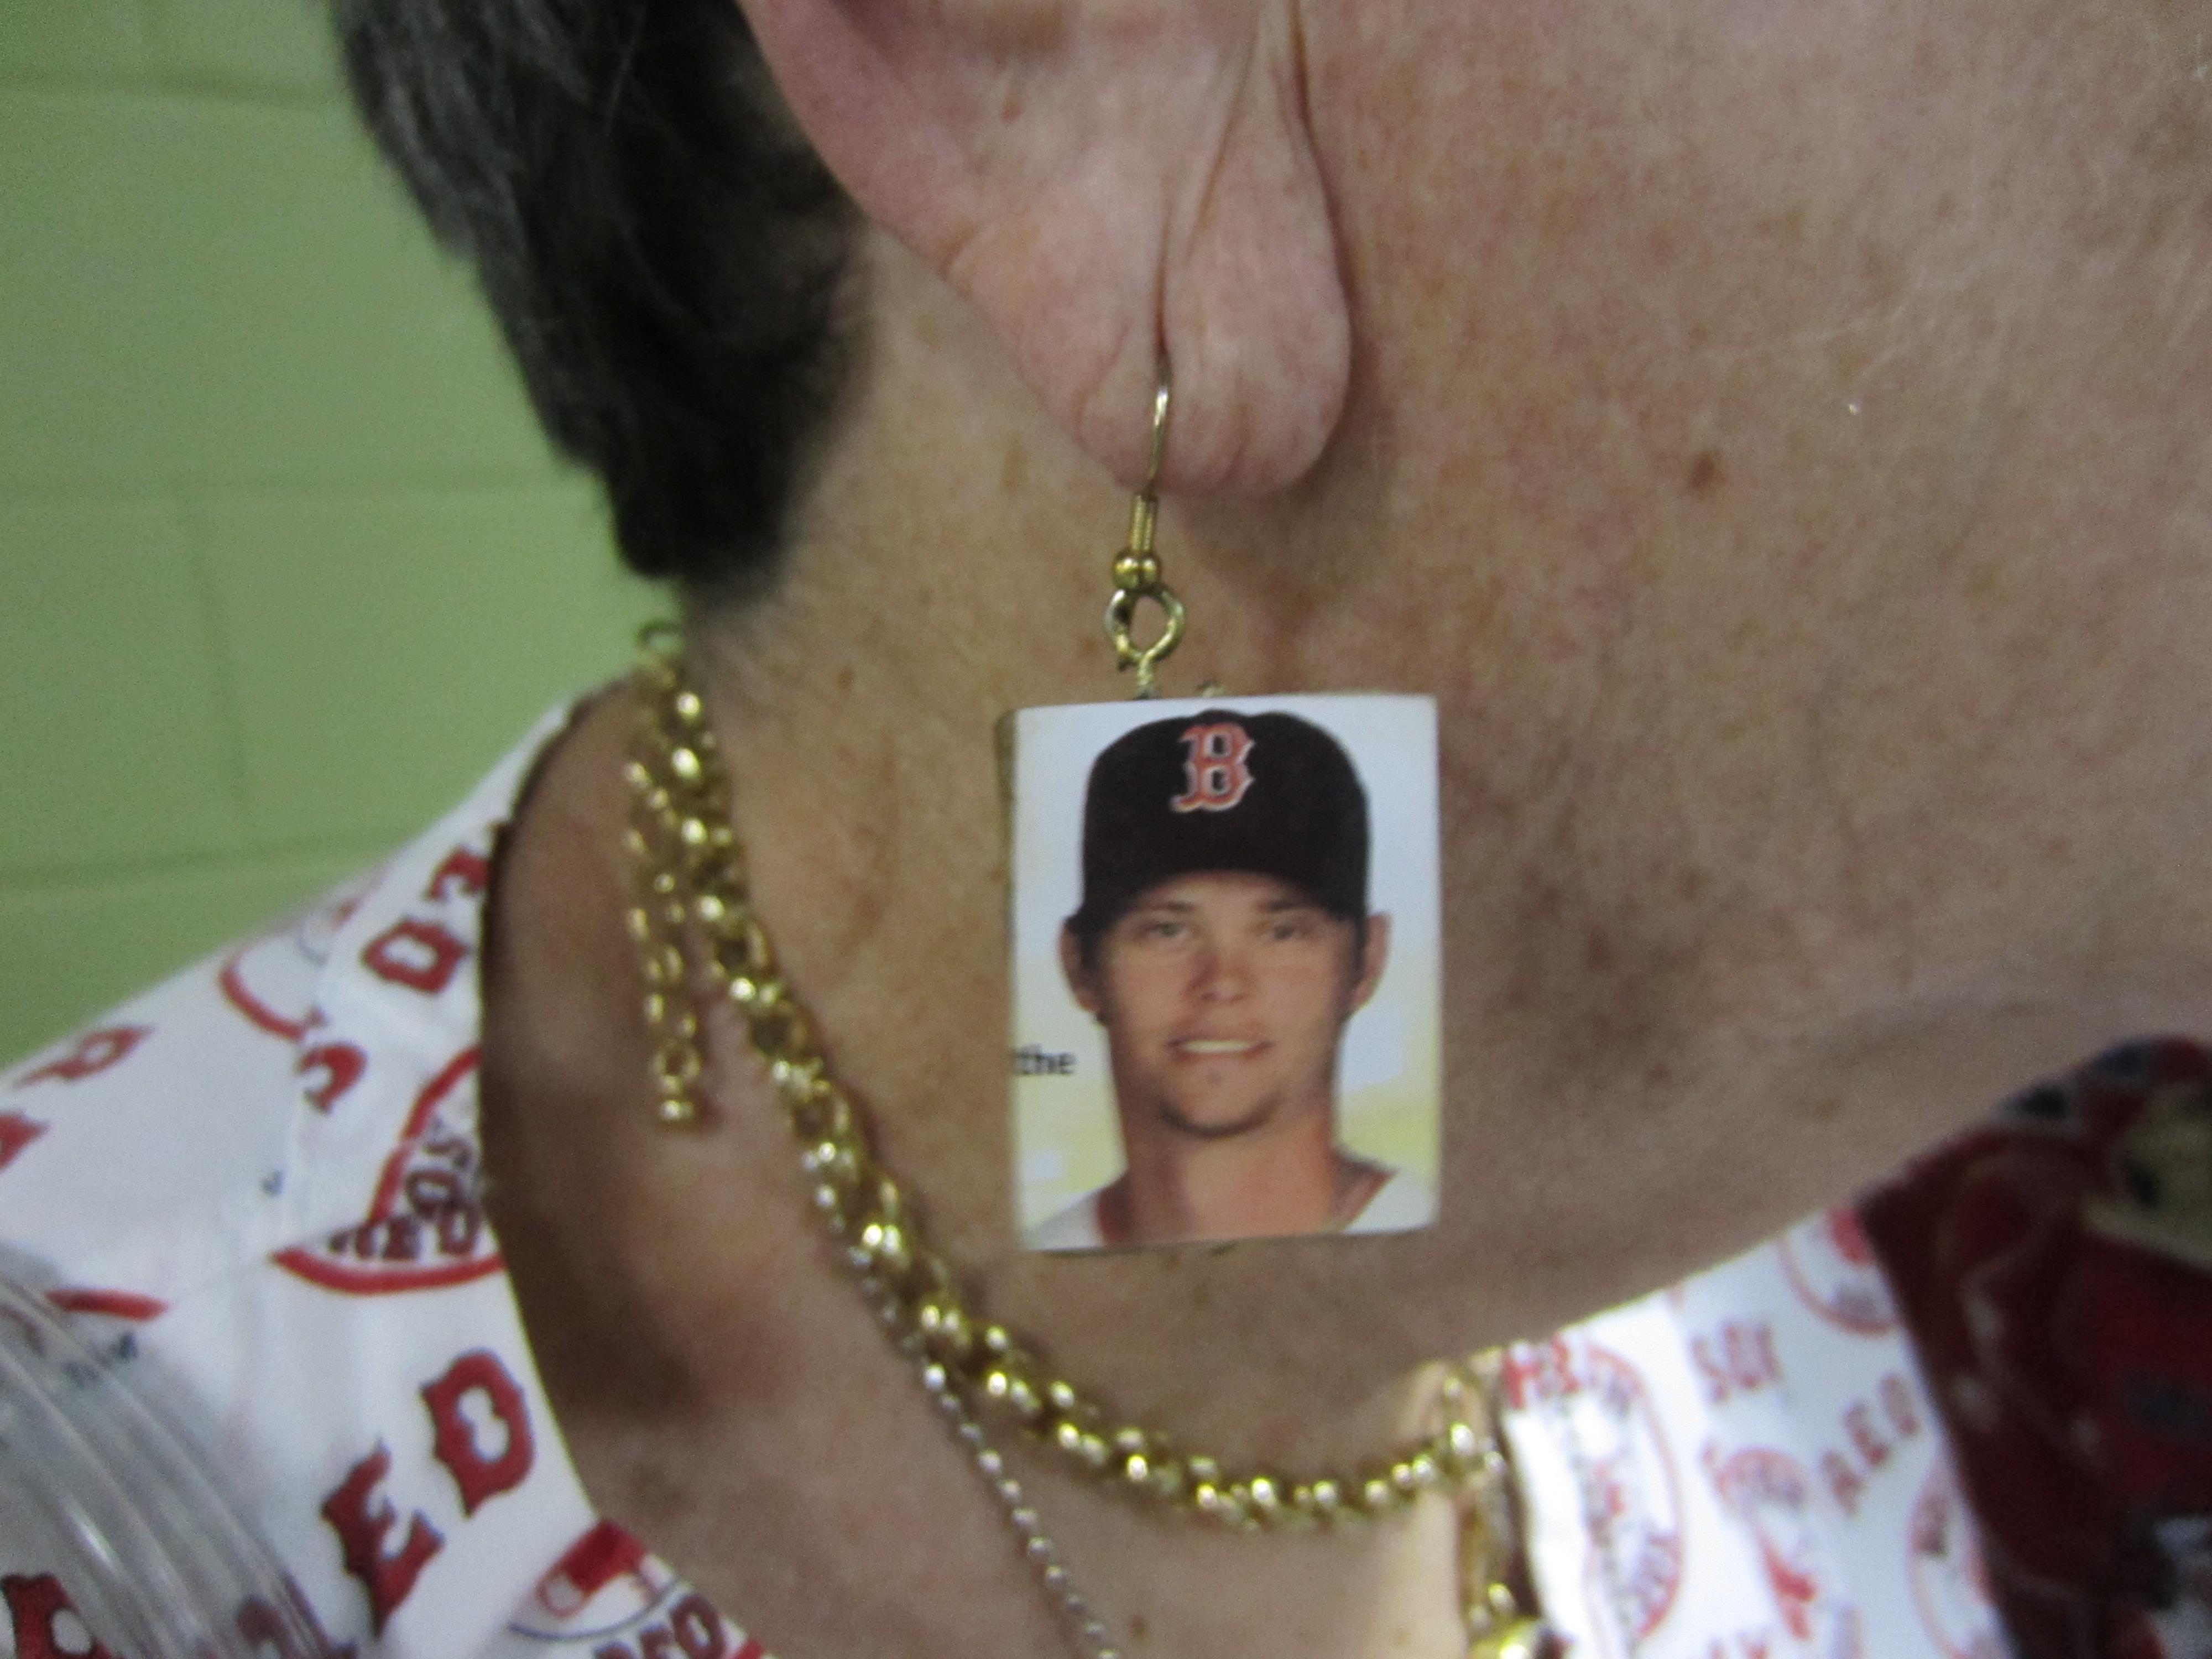 Buchholz earring